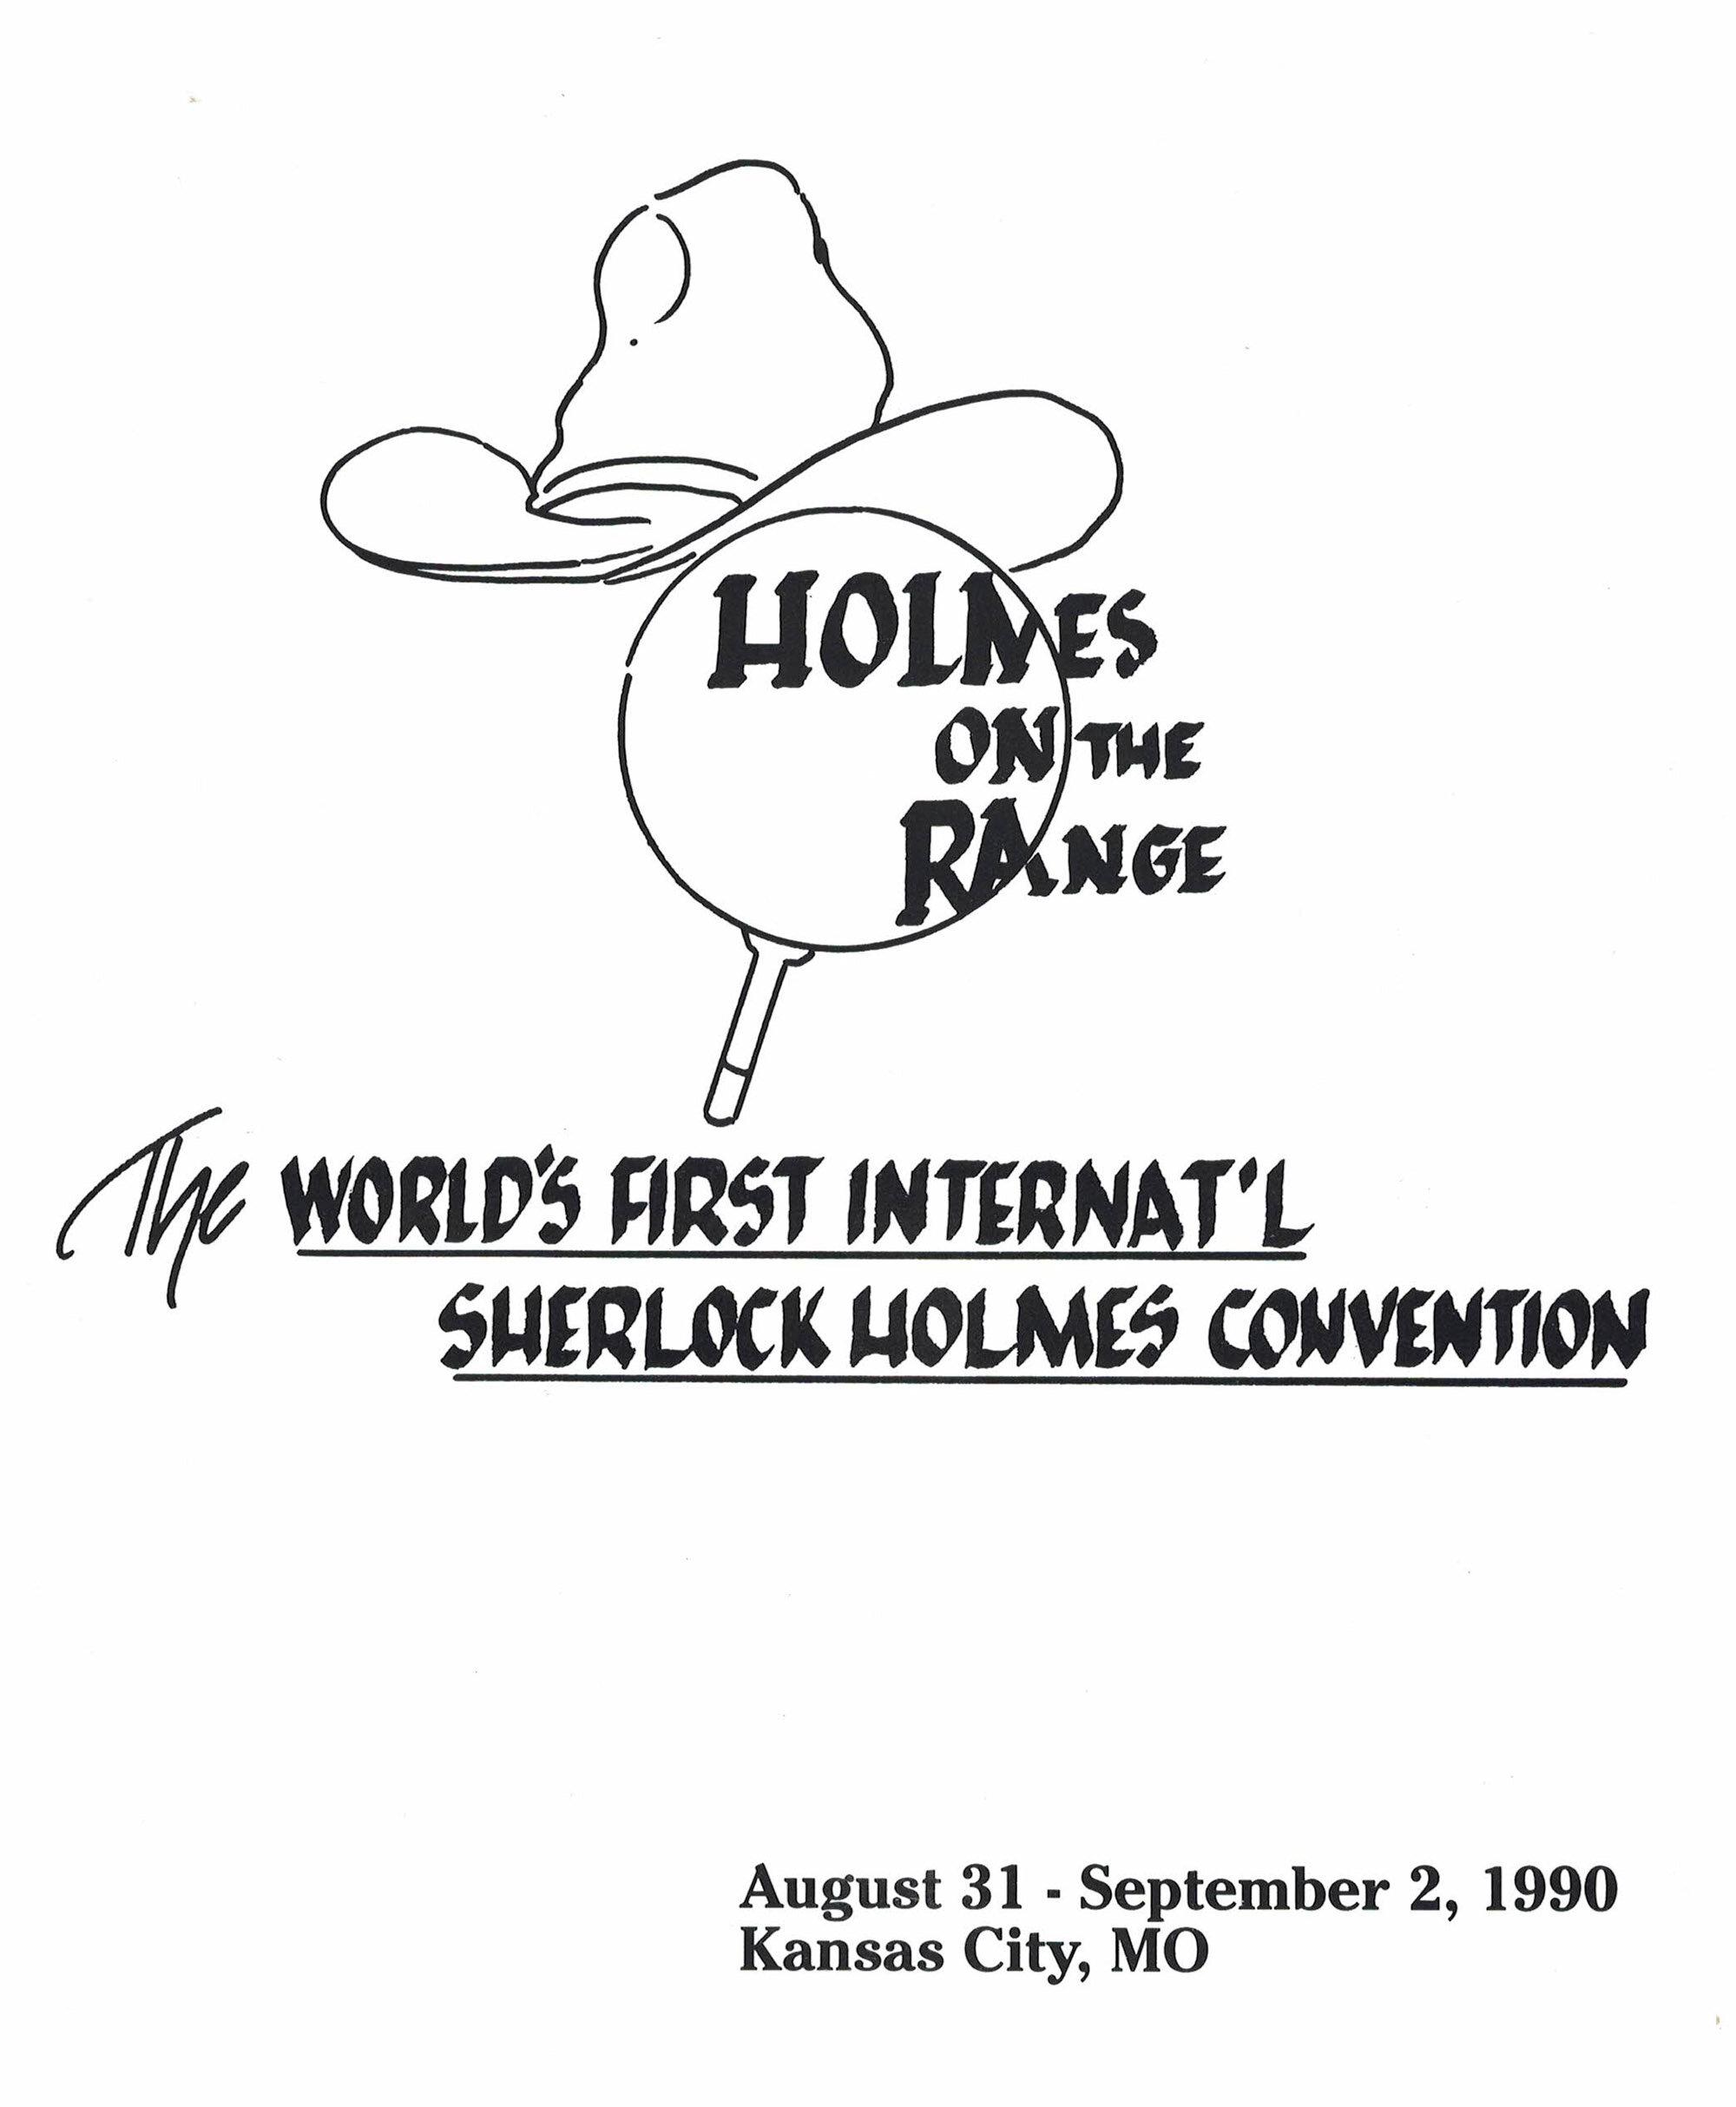 HOLMES_RANGE INSIDE COVER.jpg